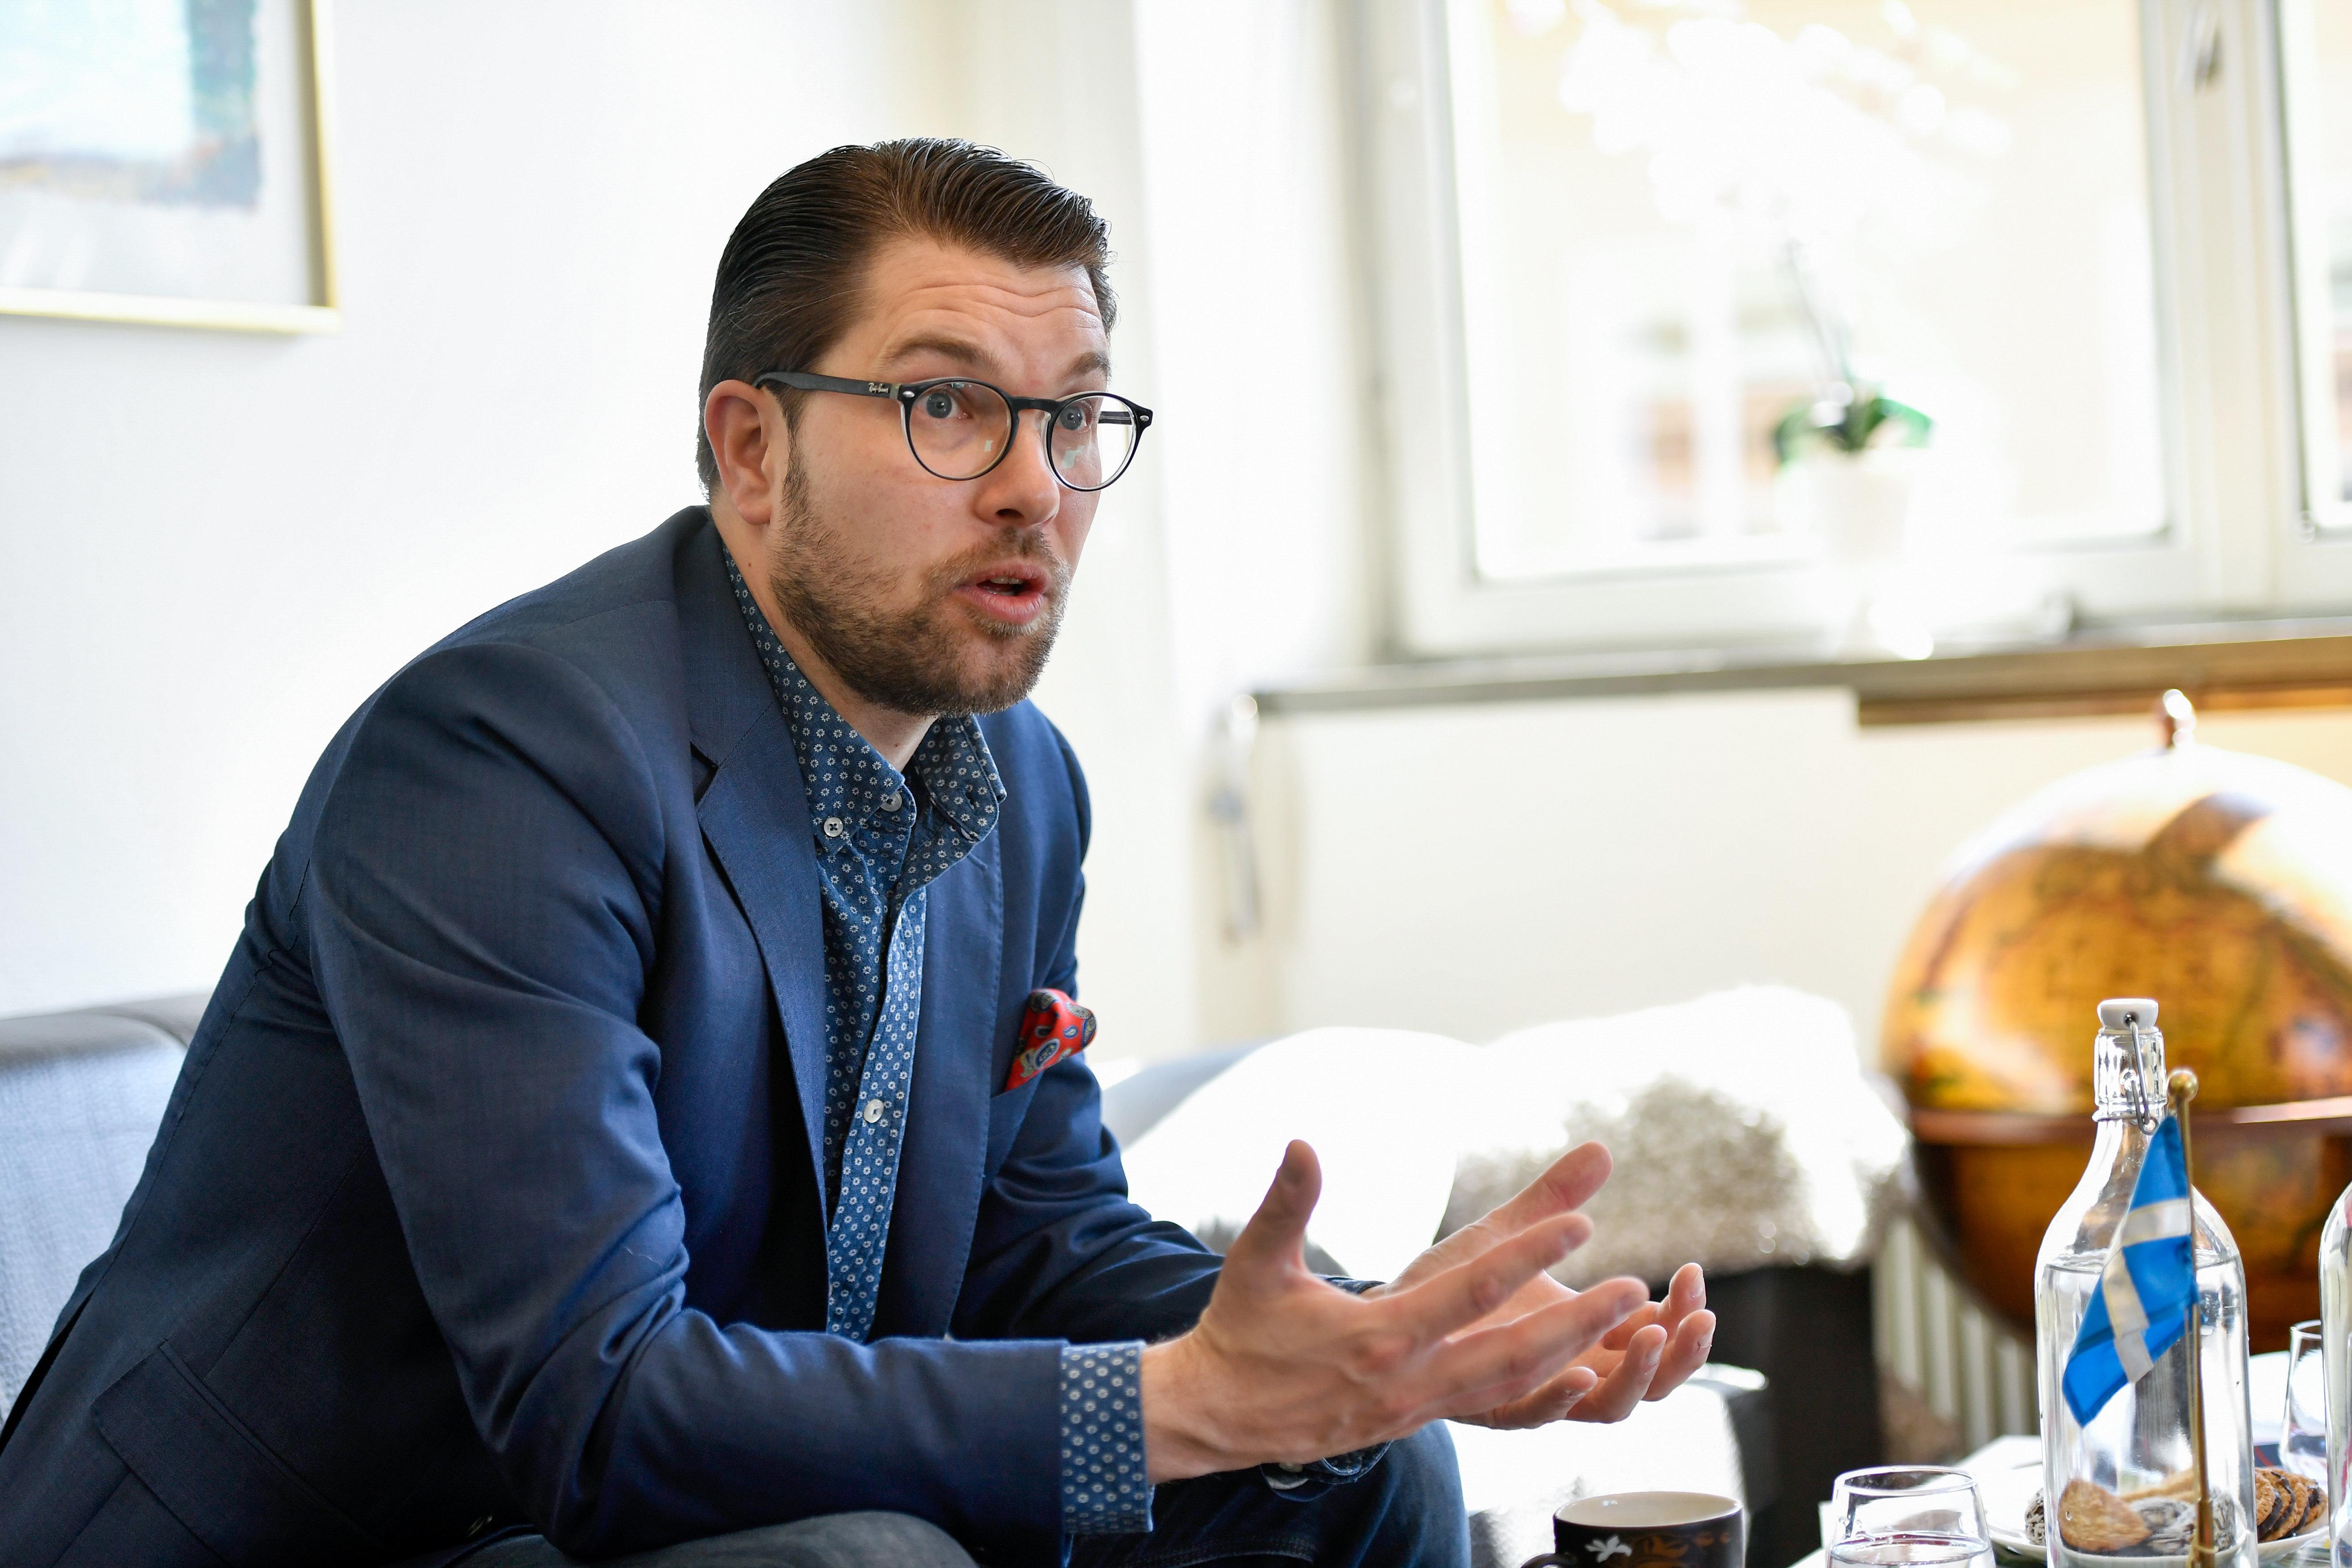 Το αντιμεταναστευτικό κόμμα των Σουηδών Δημοκρατών καταγράφει ποσοστό